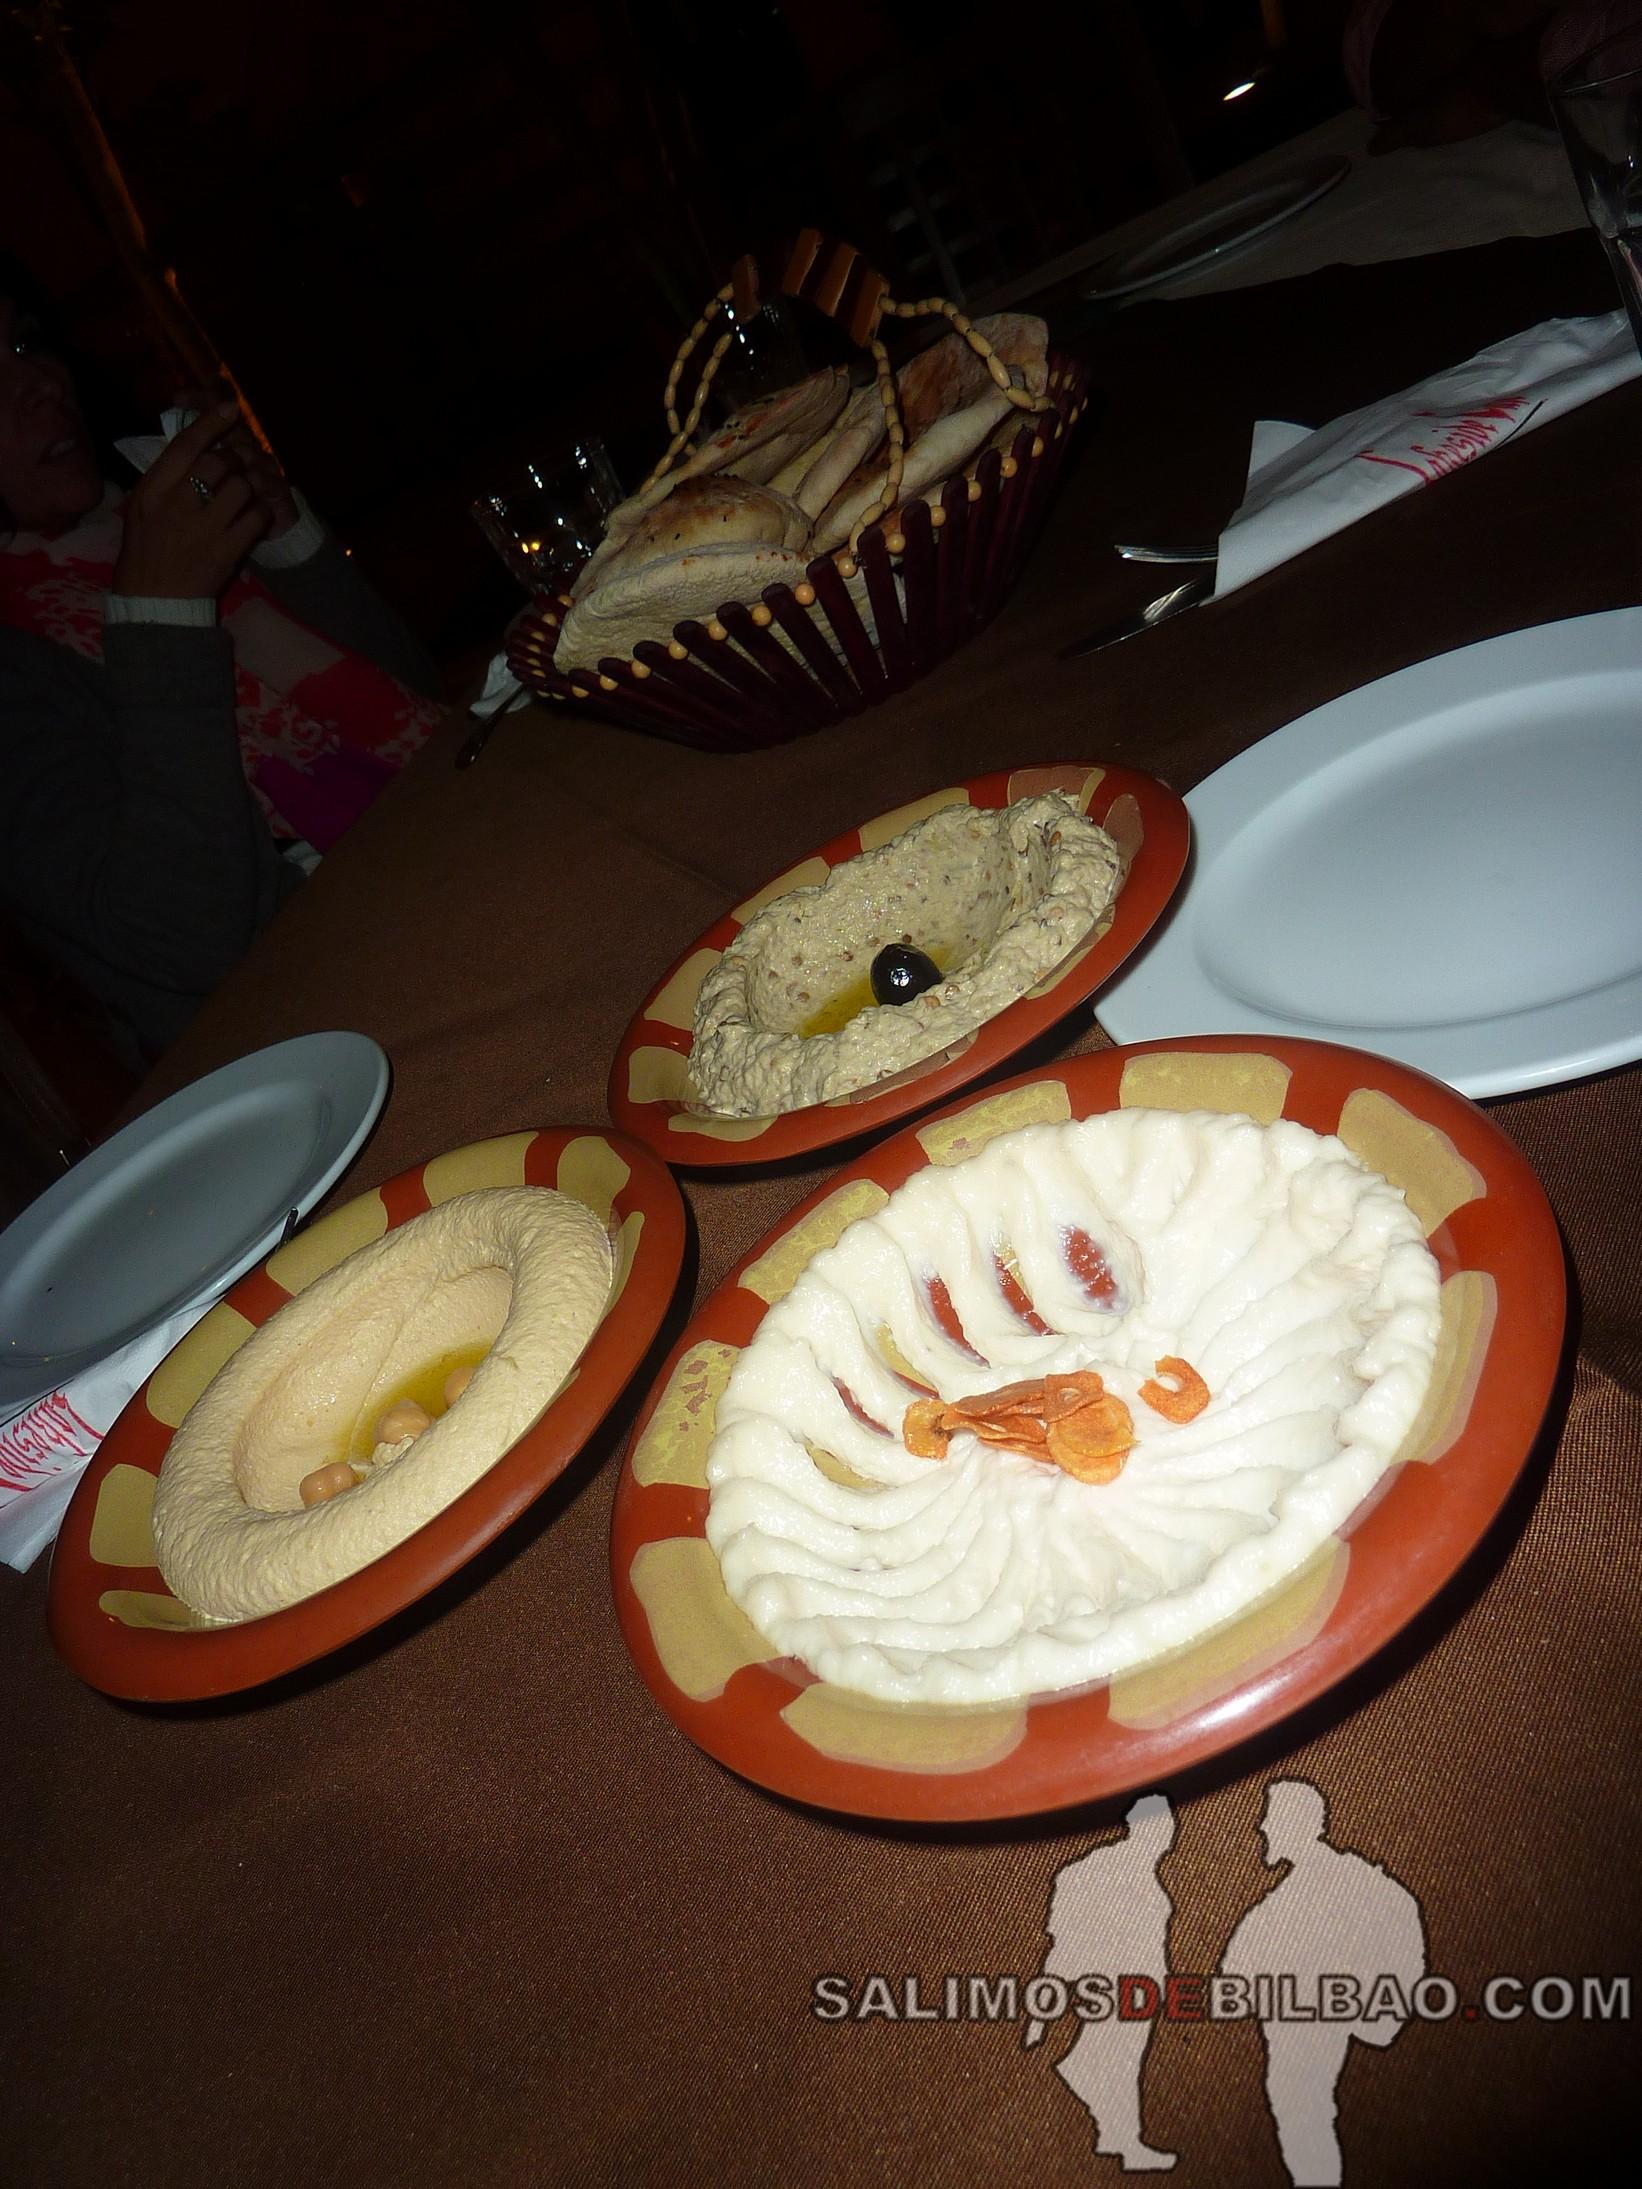 0390. Cena en el Restaurante Al-Qalaa, Parque Al-Azhar, Cairo